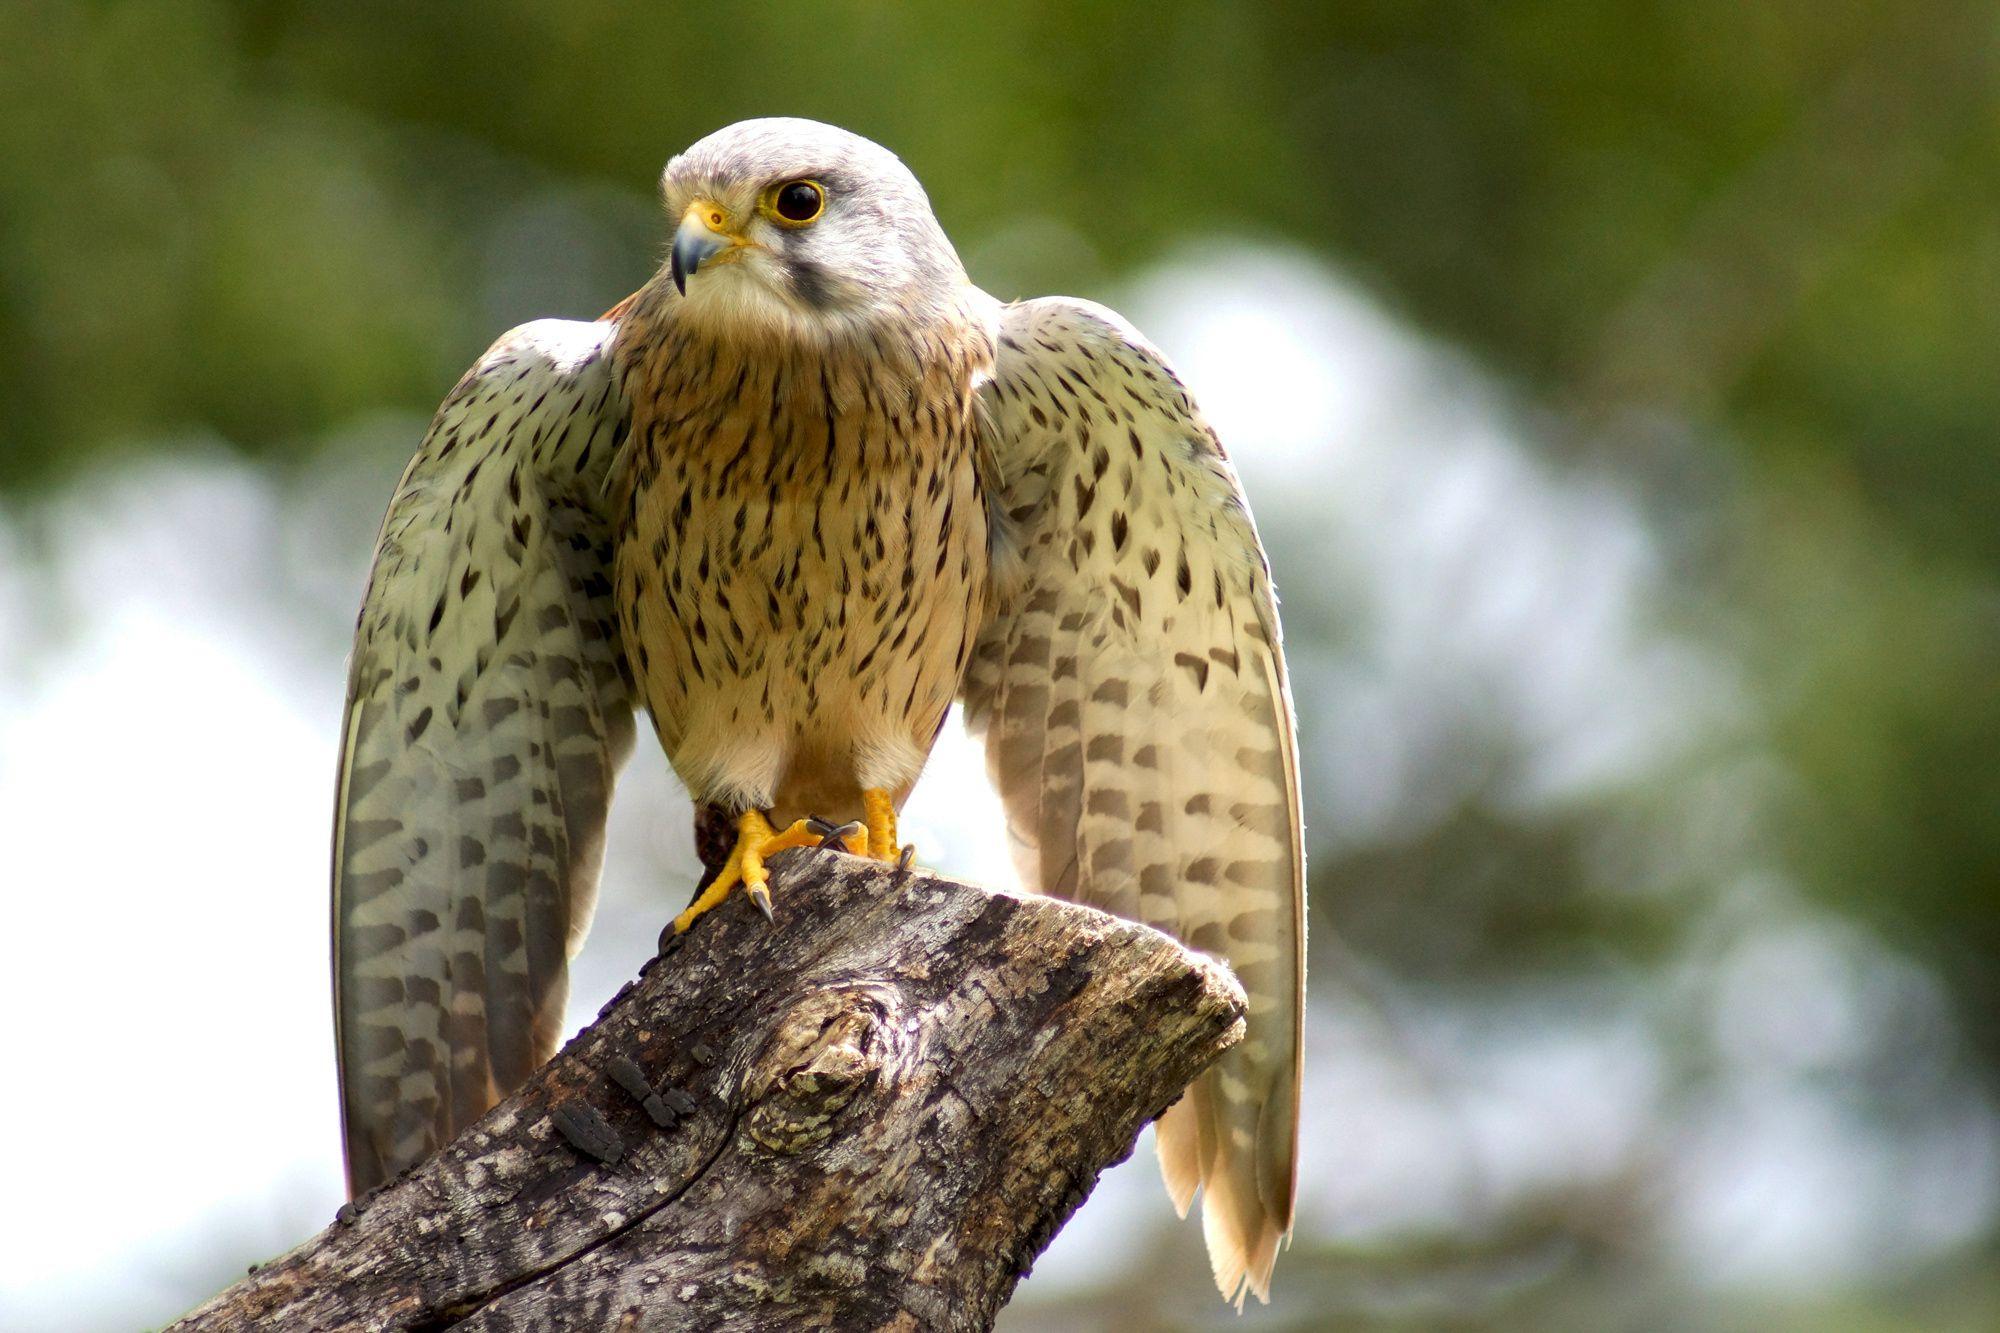 постоянно ломится каталог фотографии хищных птиц с названиями кожаных кресел регулируются